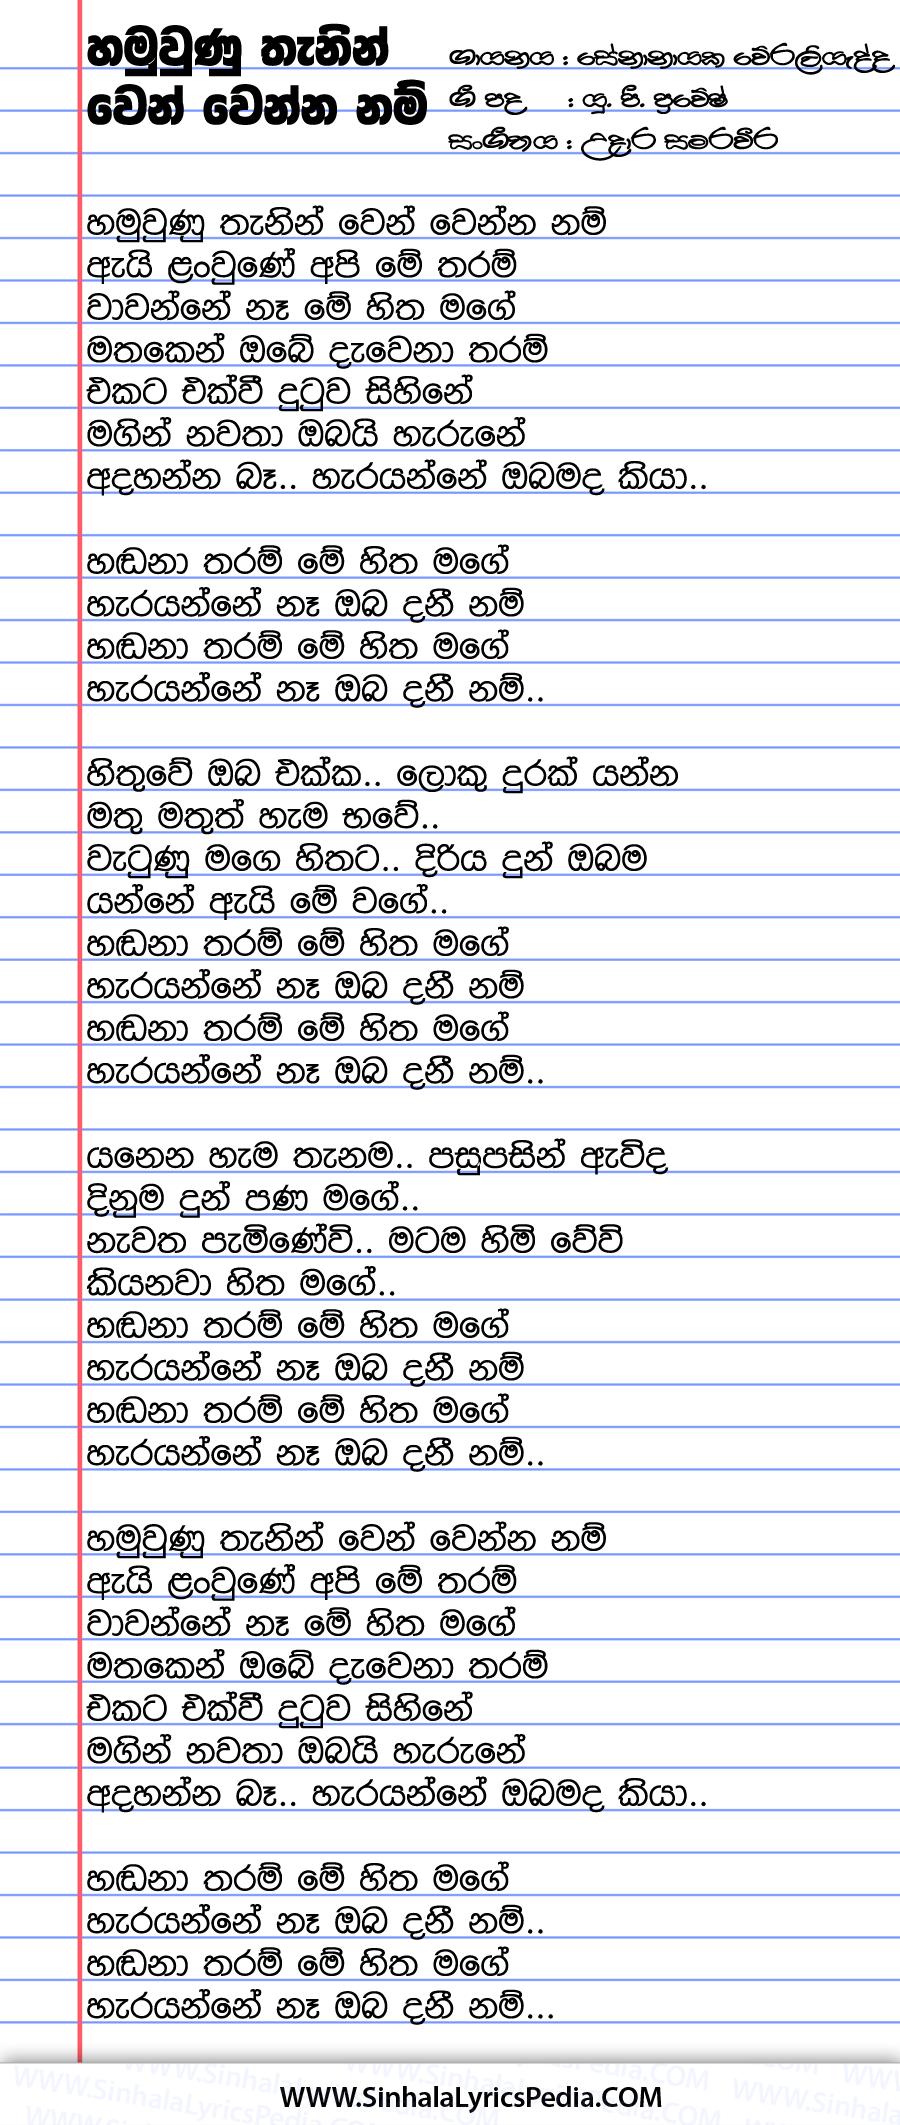 Hamu Una Thenin Wenwenna Nam (Handana Tharam) Song Lyrics